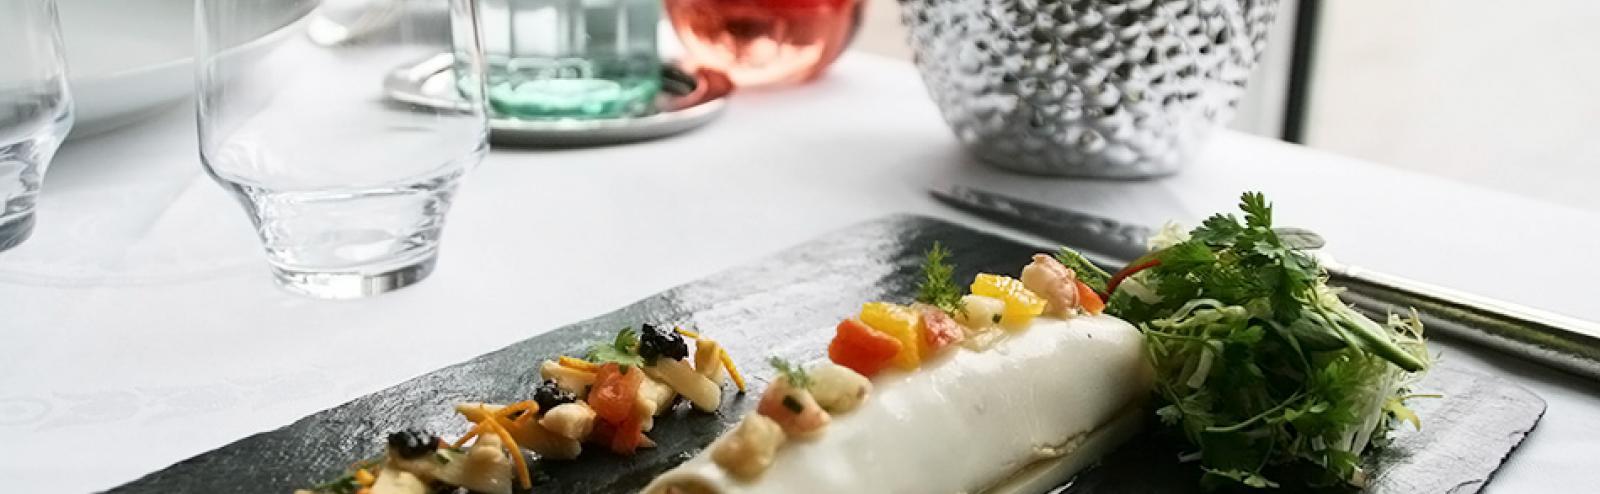 Recette du cannelloni d'asperges blanches aux langoustines et agrumes